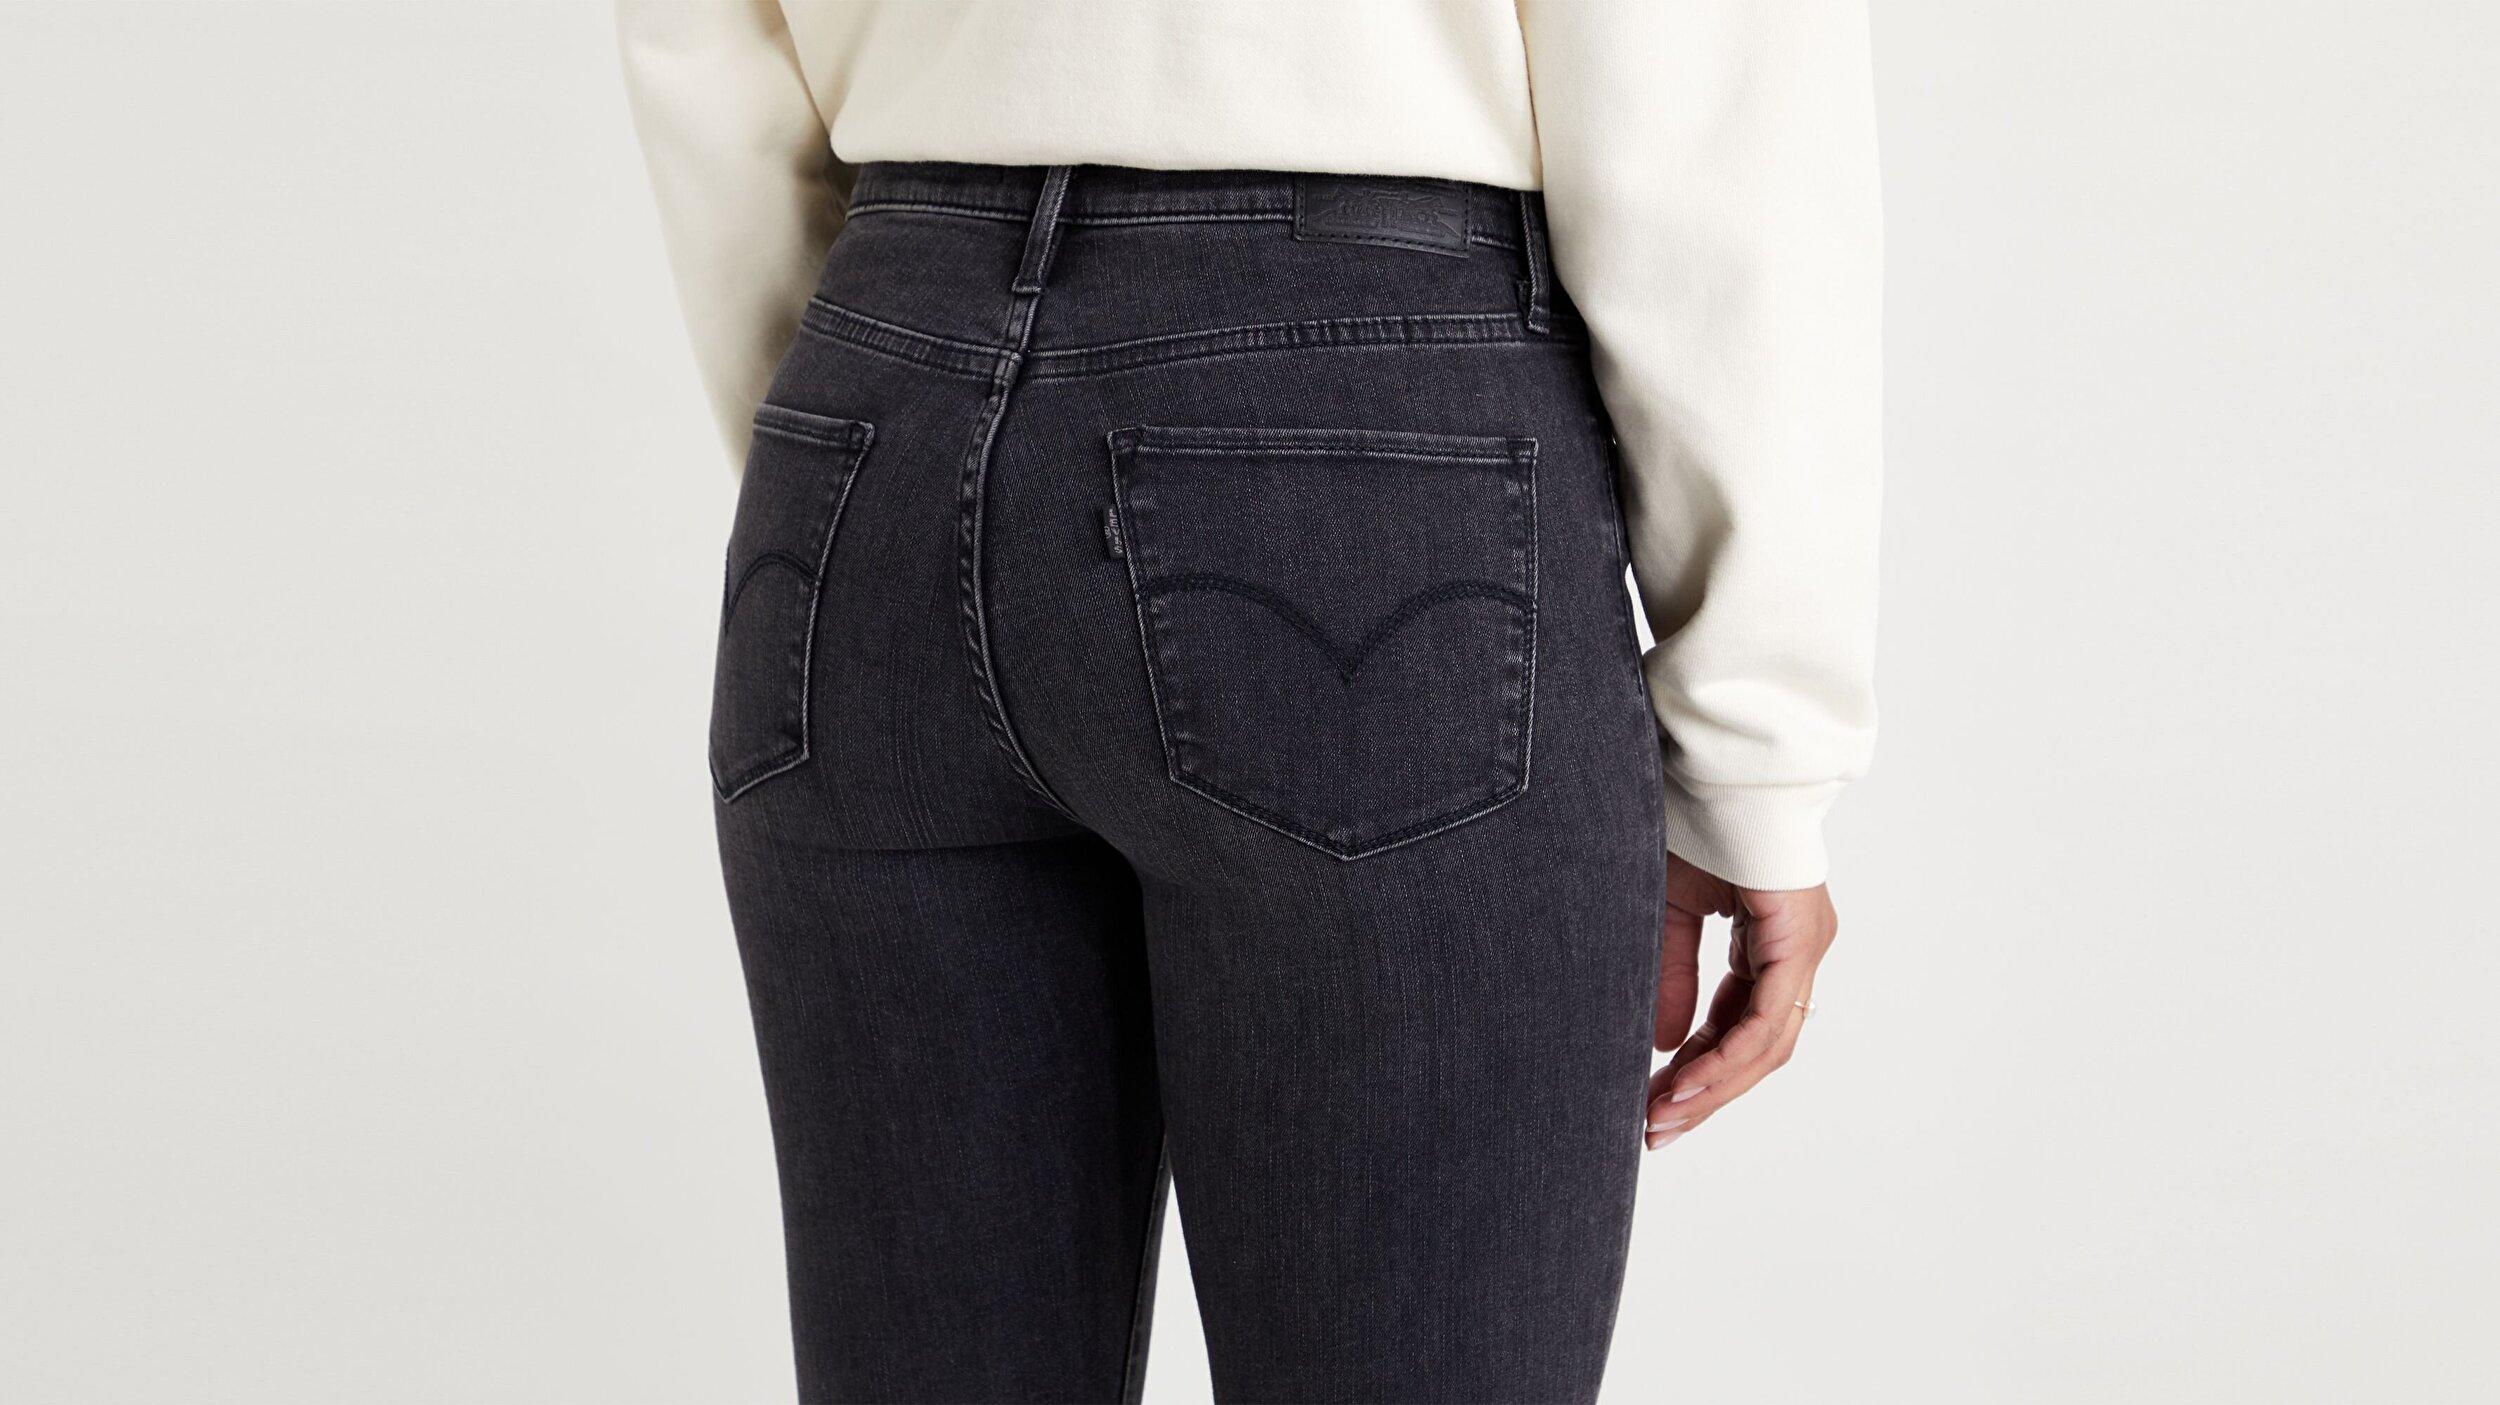 720 Yüksek Bel Süper Skinny Kadın Jean Pantolon-Smoked Out